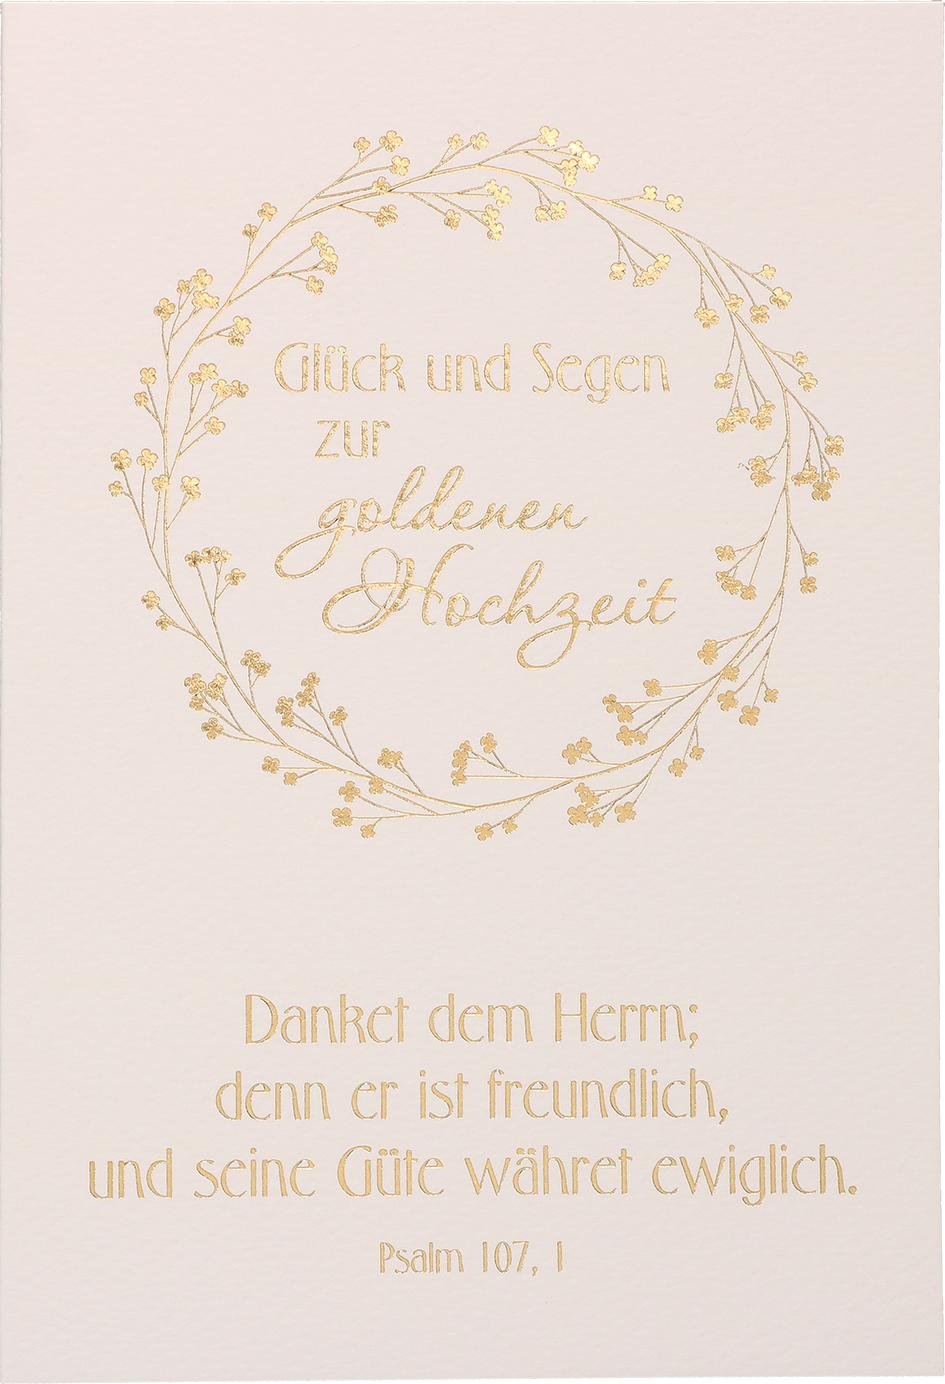 Glückwunschkarter Glück Und Segen Zur Goldenen Hochzeit